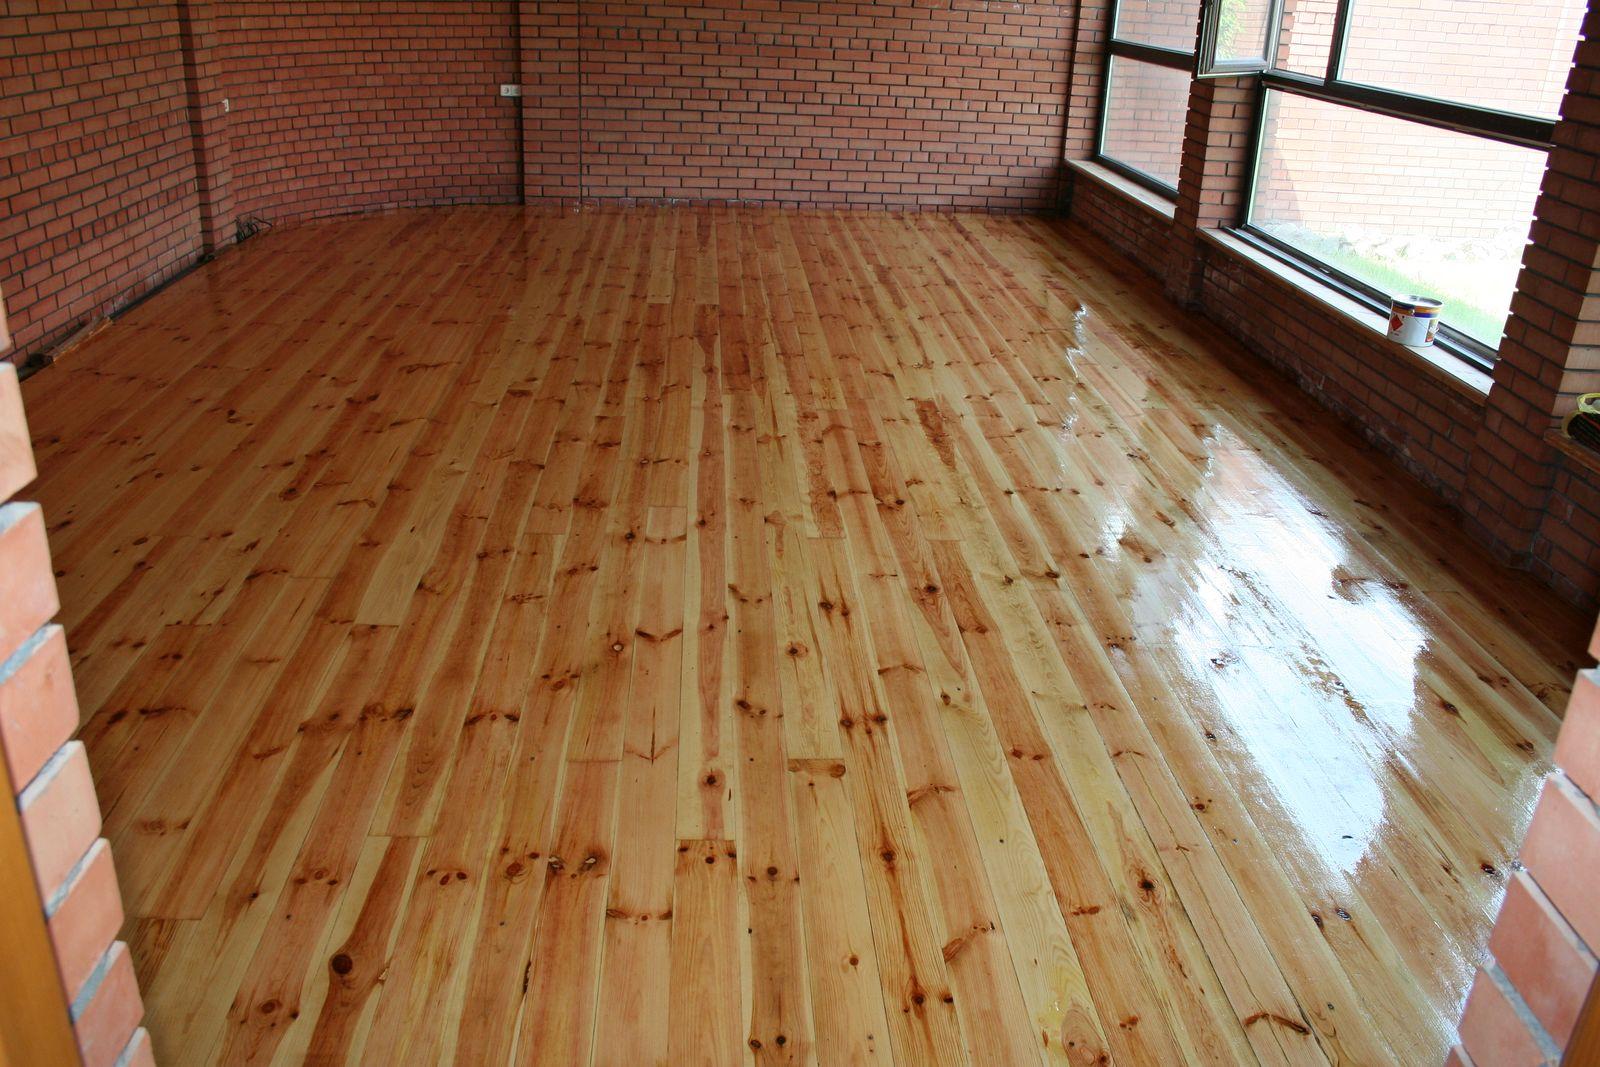 Деревянный пол для террасы своими руками фото 999